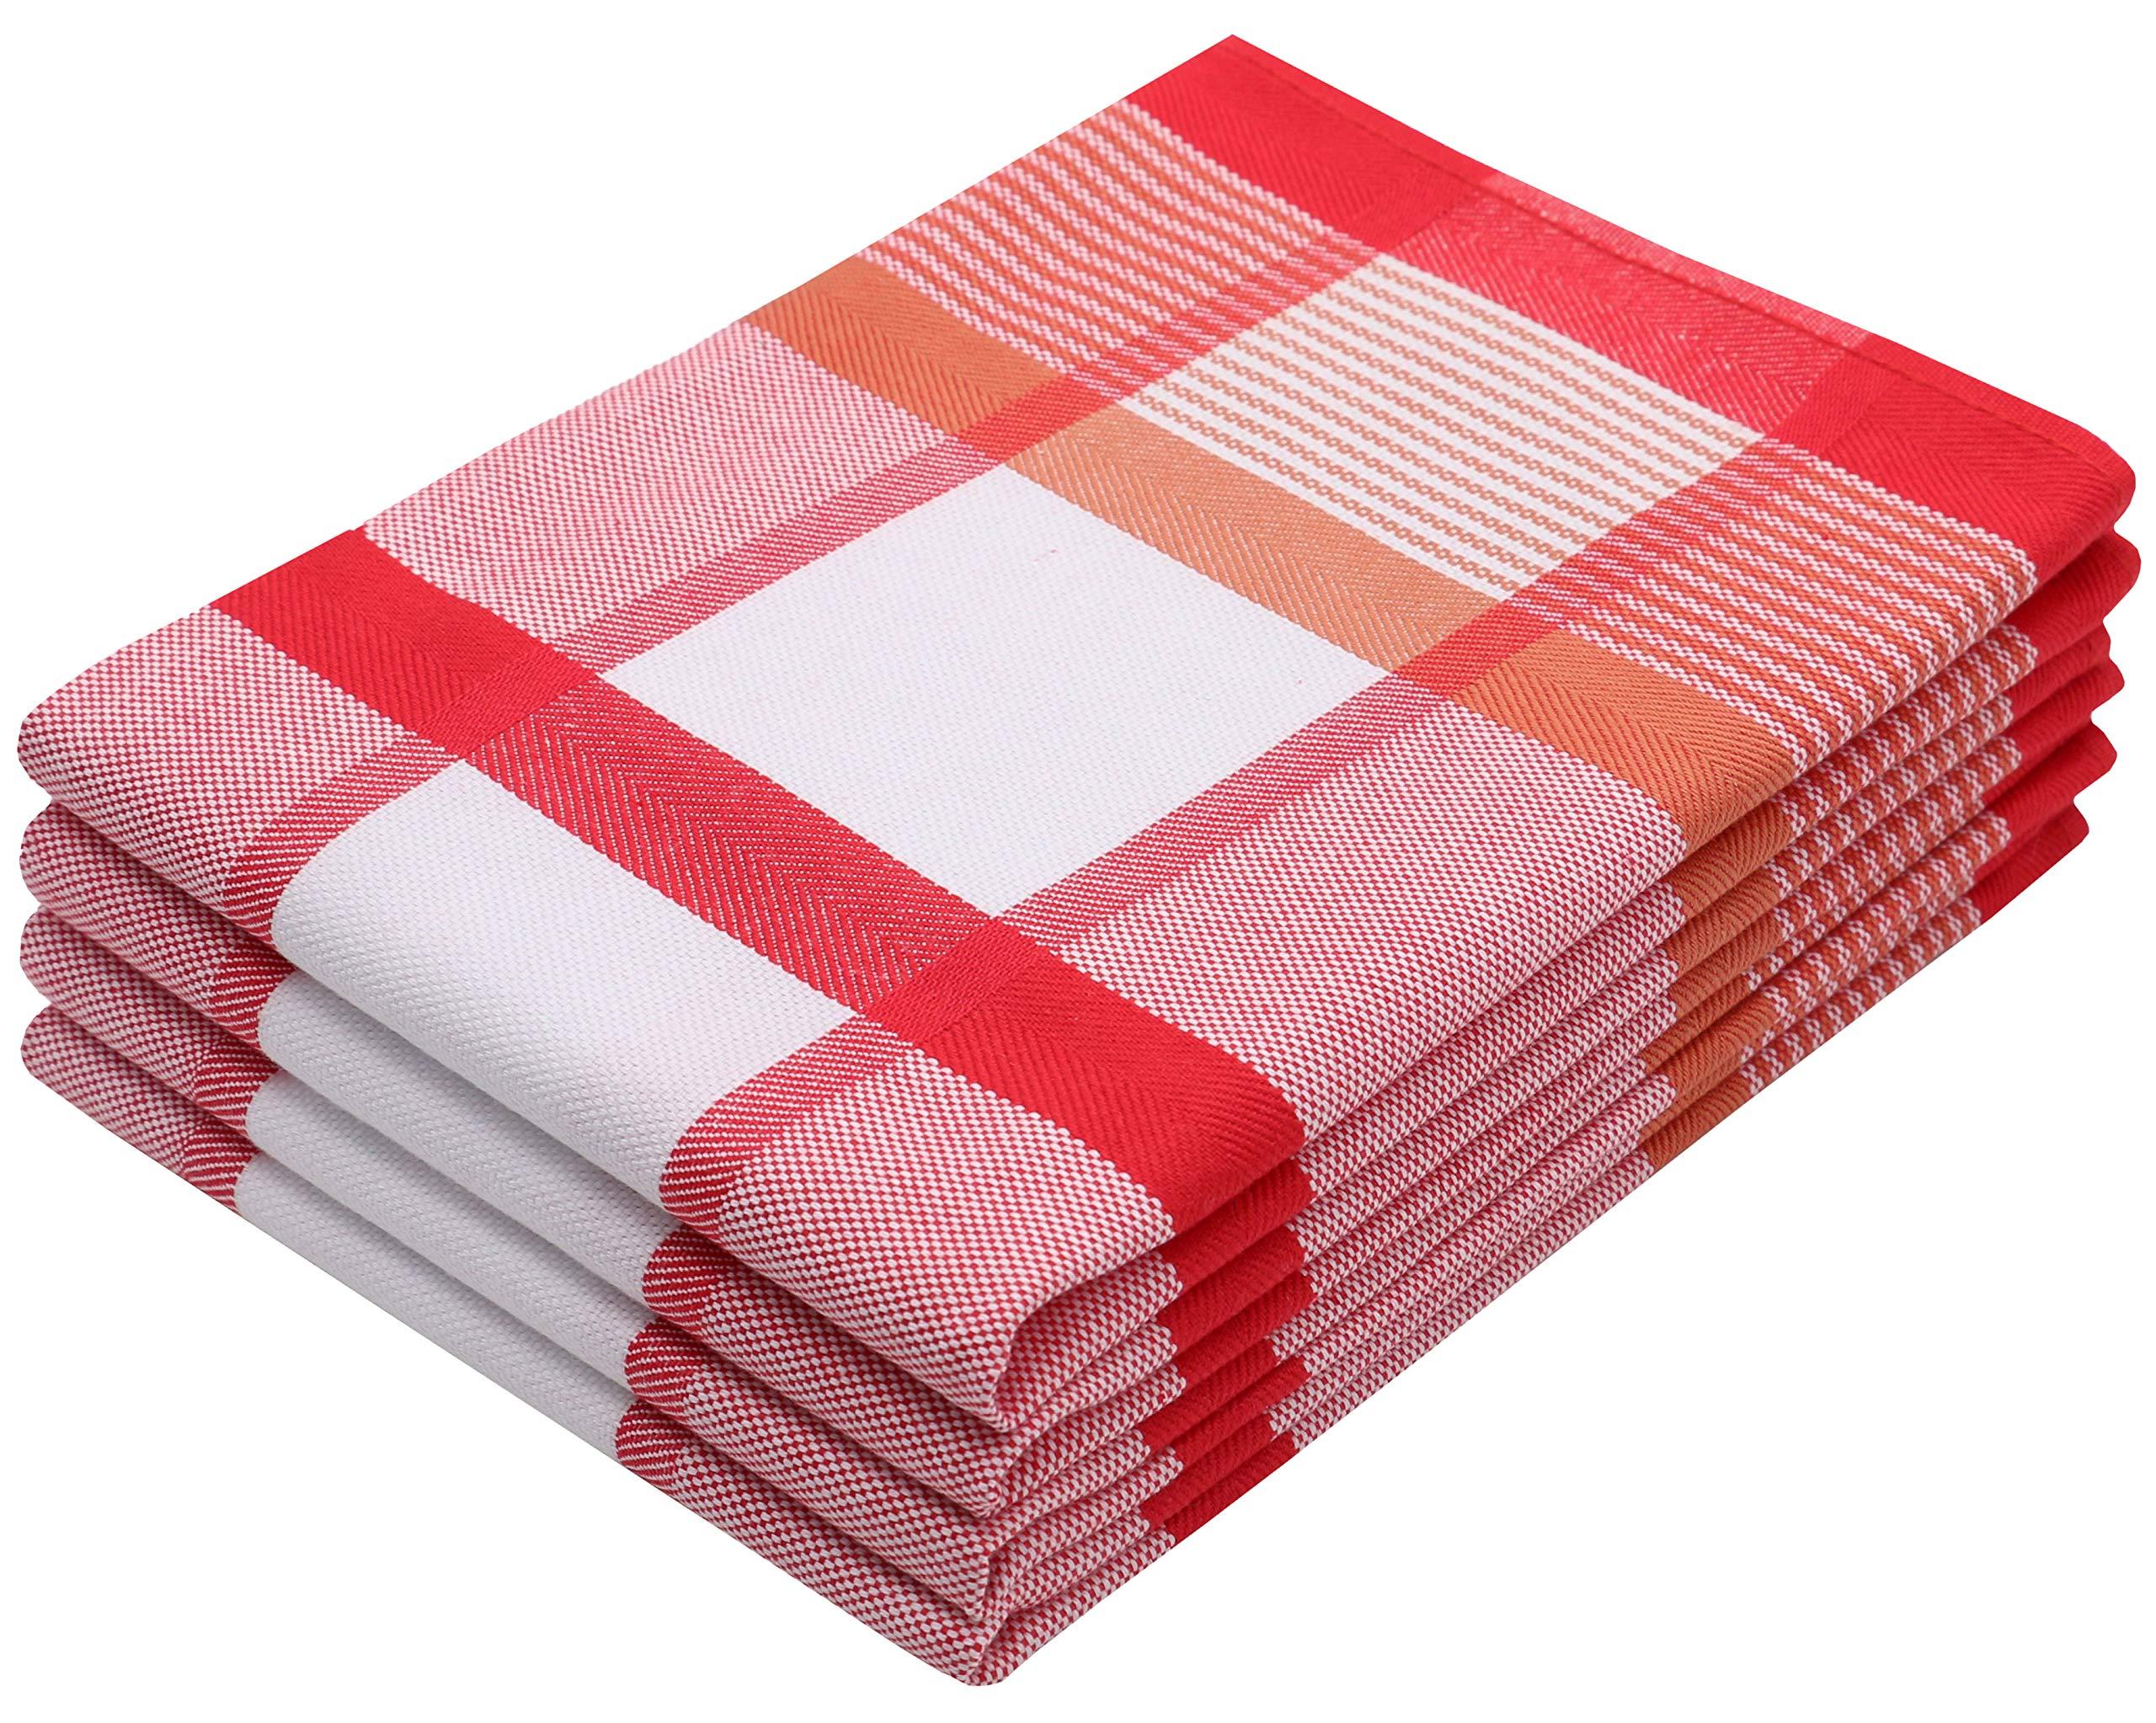 ZOLLNER 4 paños de Cocina algodón 100%, 50x70 cm a Cuadros Rojos: Amazon.es: Hogar